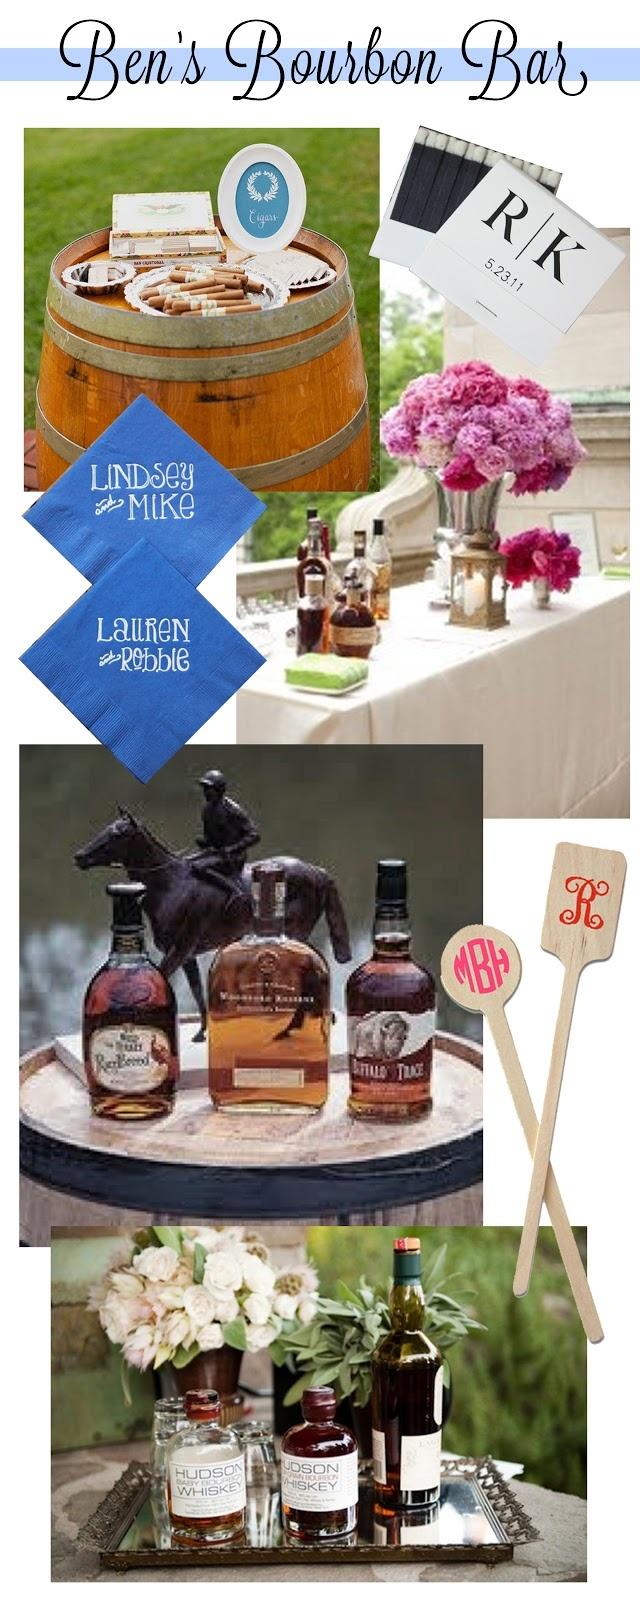 Bourbon Bar Roundup | Kentucky Derby inspiration | LFF Designs | www.facebook.com/LFFdesigns